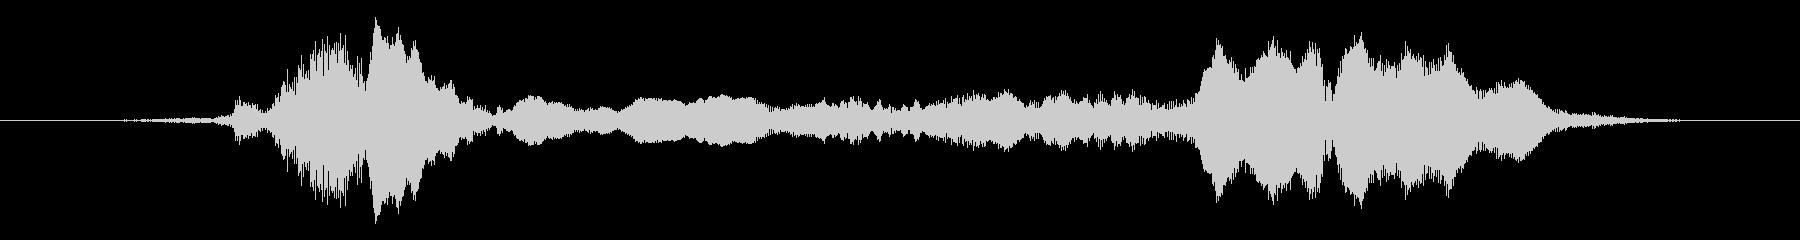 メタルキーキーの未再生の波形